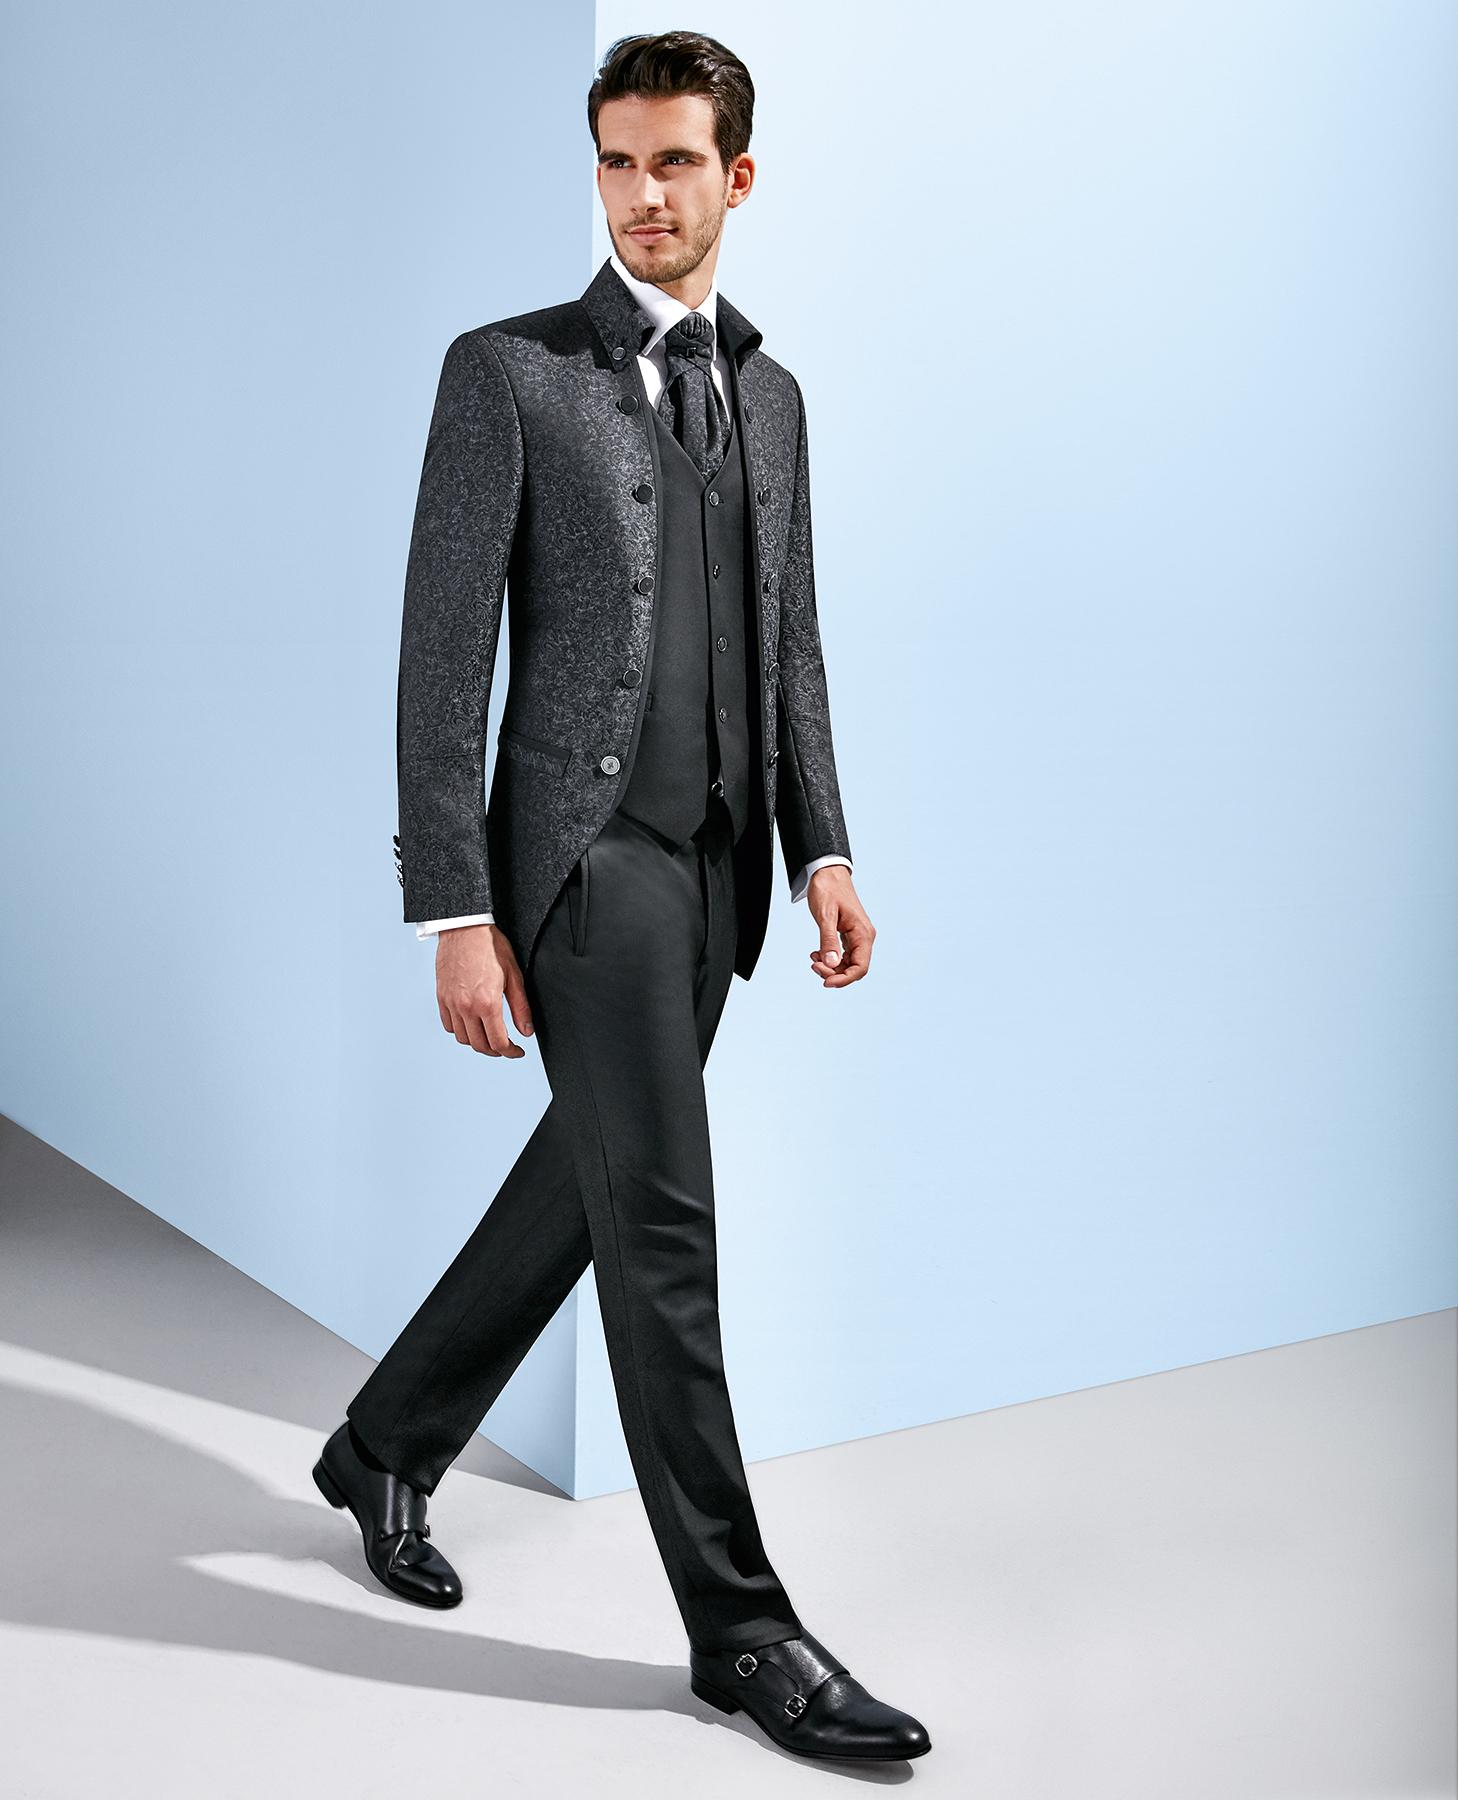 Abito Matrimonio Uomo Grigio : Abito cerimonia tutto incluso tziacco slim grigio damascato stile